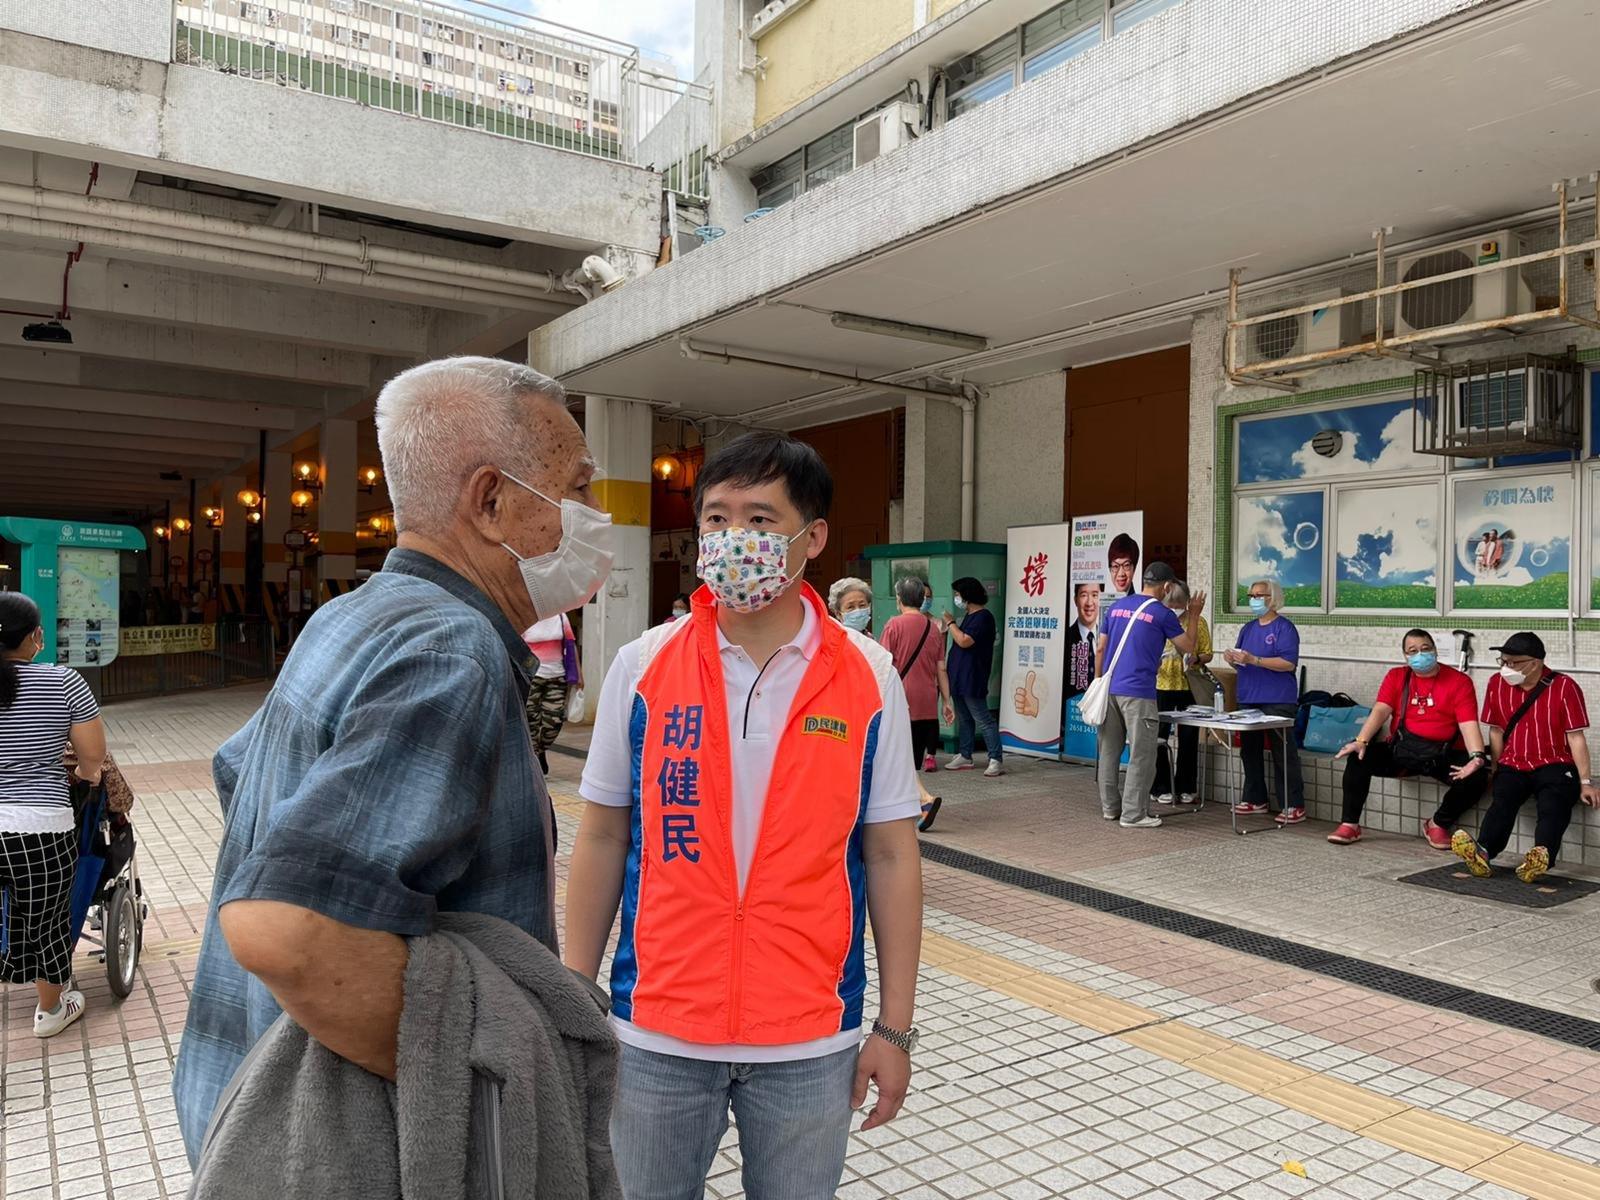 民建聯在大埔擺街站,市民踴躍簽名支持完善選舉制度。(大公文匯全媒體記者 李九歌 攝)